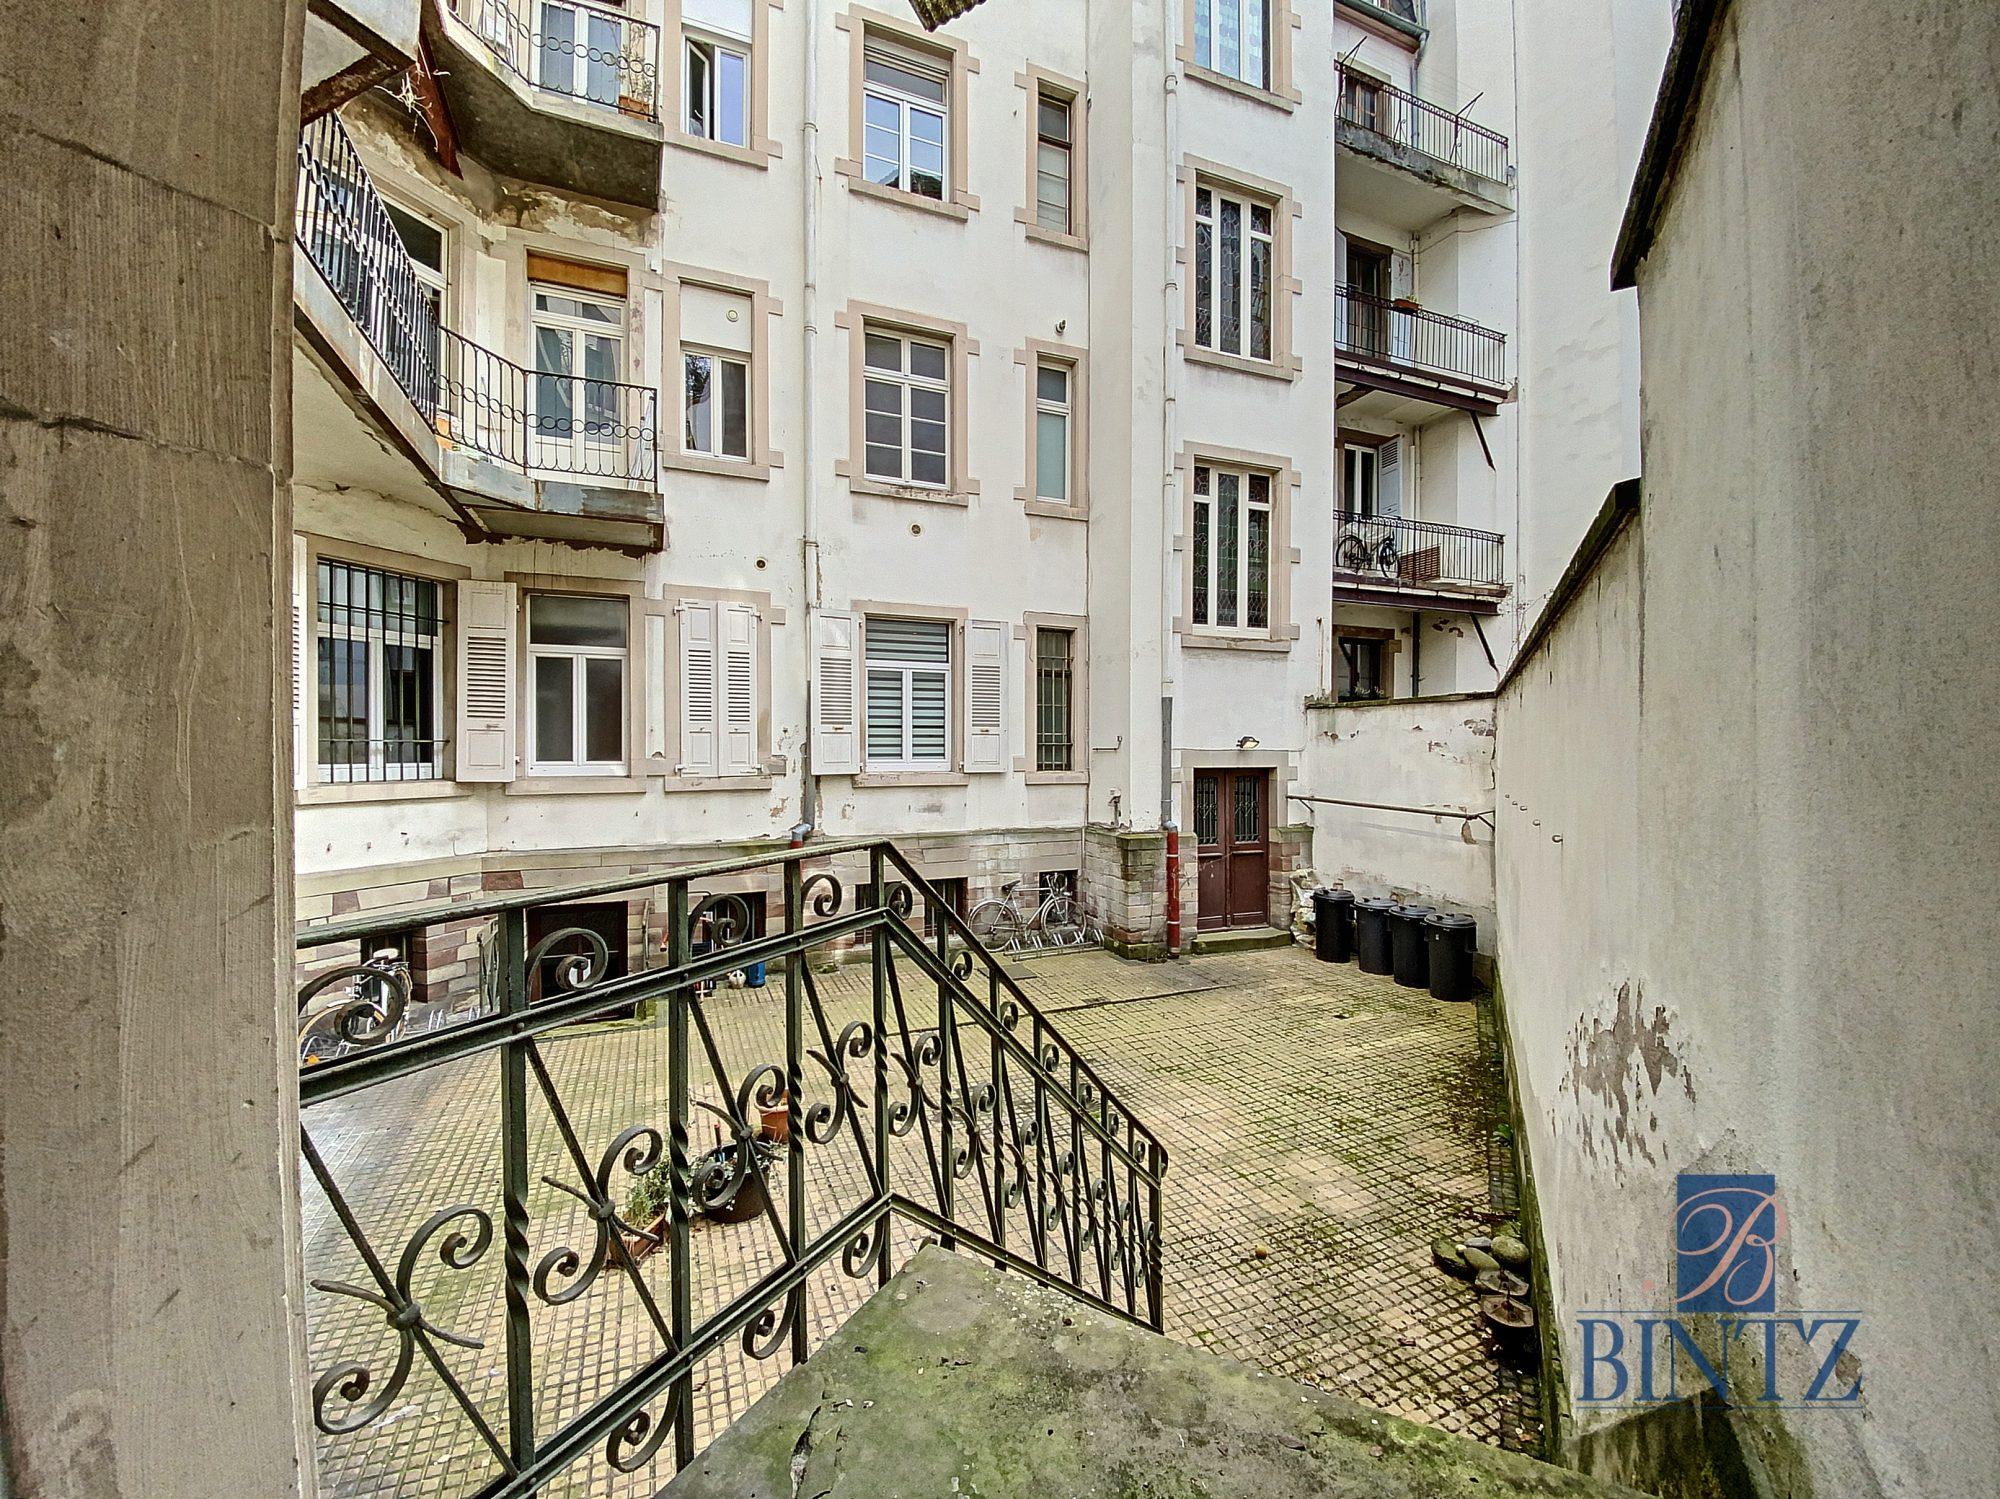 Magnifique 6 pièces de 164m2 Quartier Neustadt - Devenez propriétaire en toute confiance - Bintz Immobilier - 14